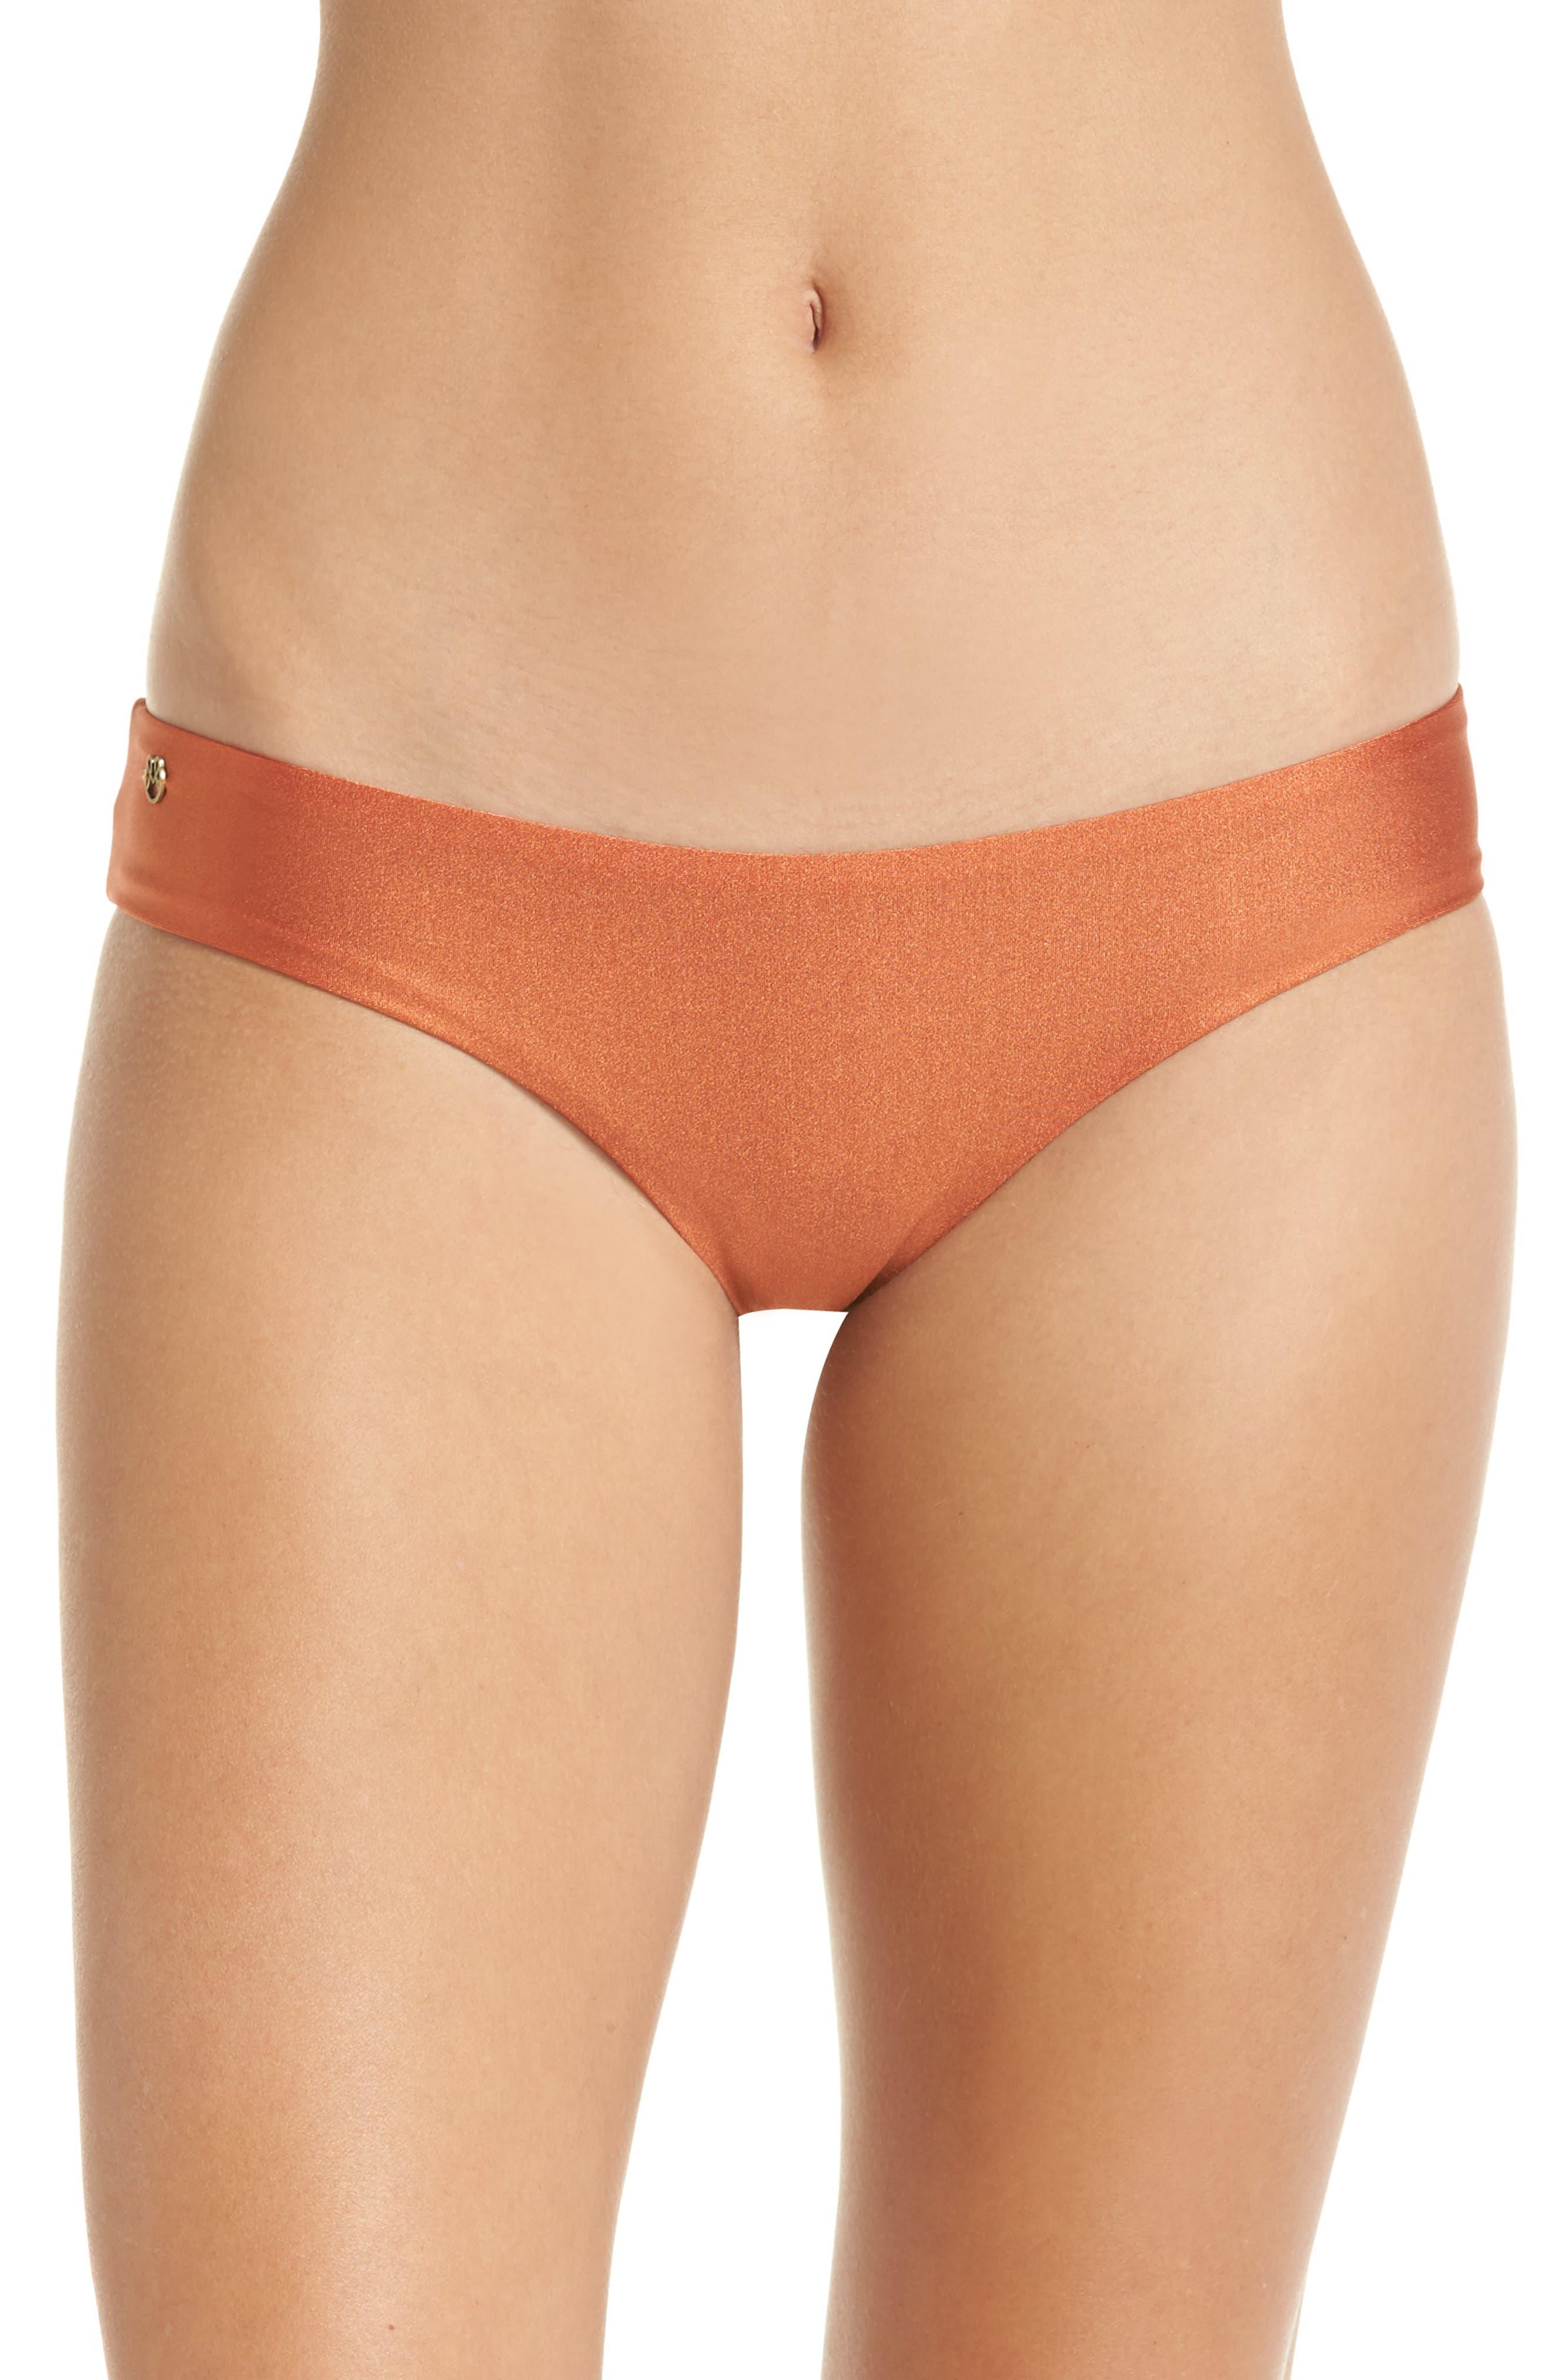 Shimmering Sublime Signature Reversible Bikini Bottoms,                             Main thumbnail 1, color,                             221